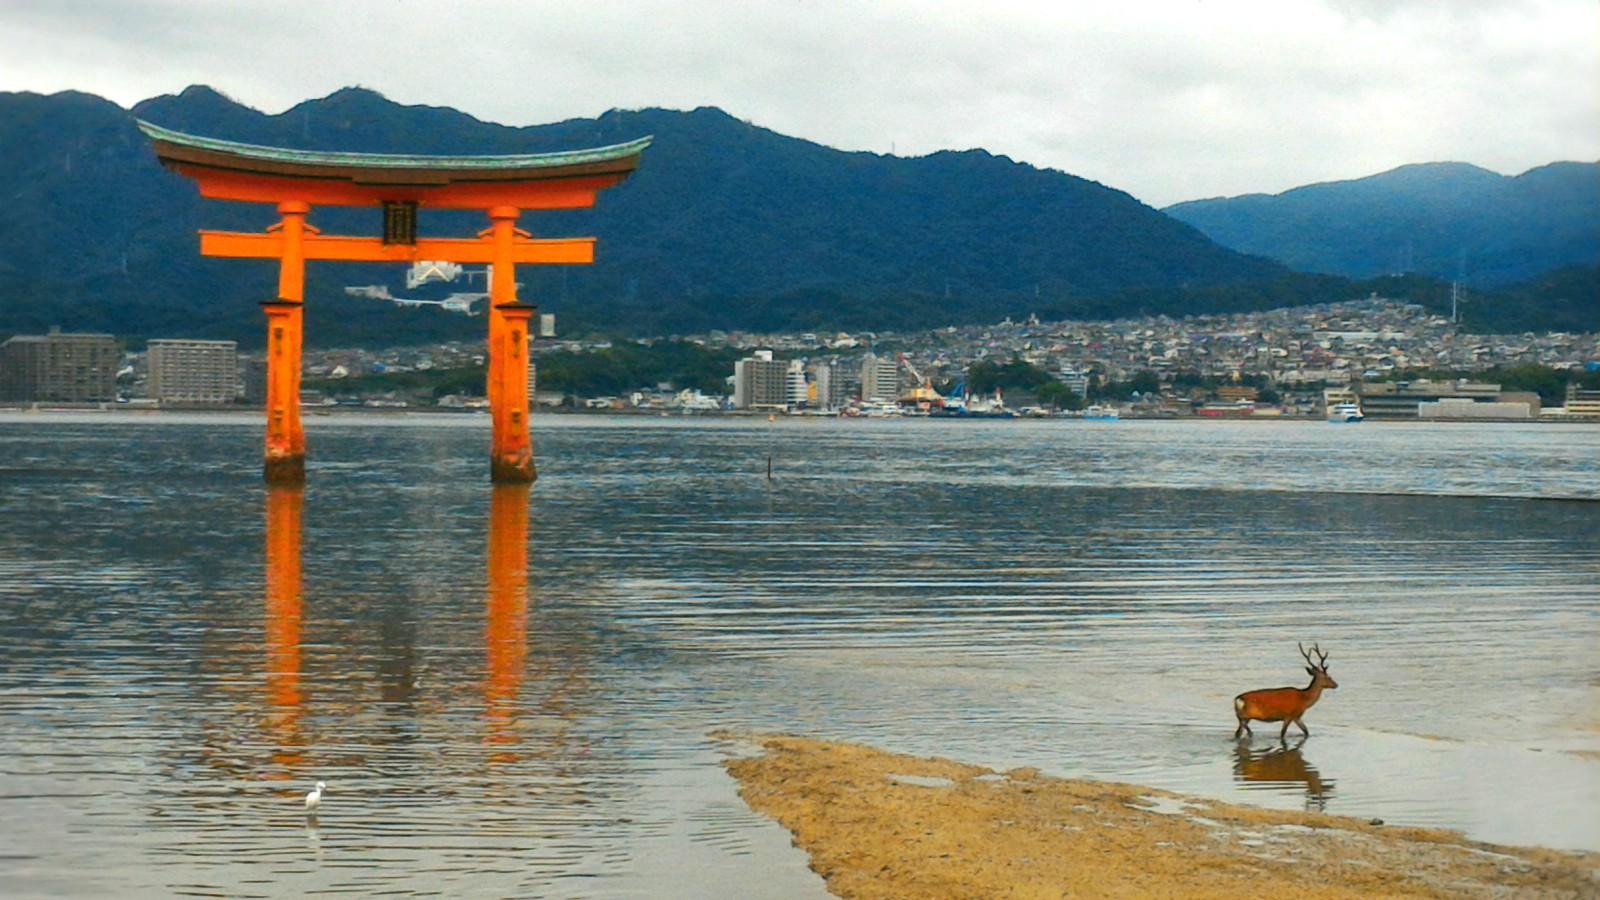 Miyajima Island Hiroshima : Best Things to Do in 2020